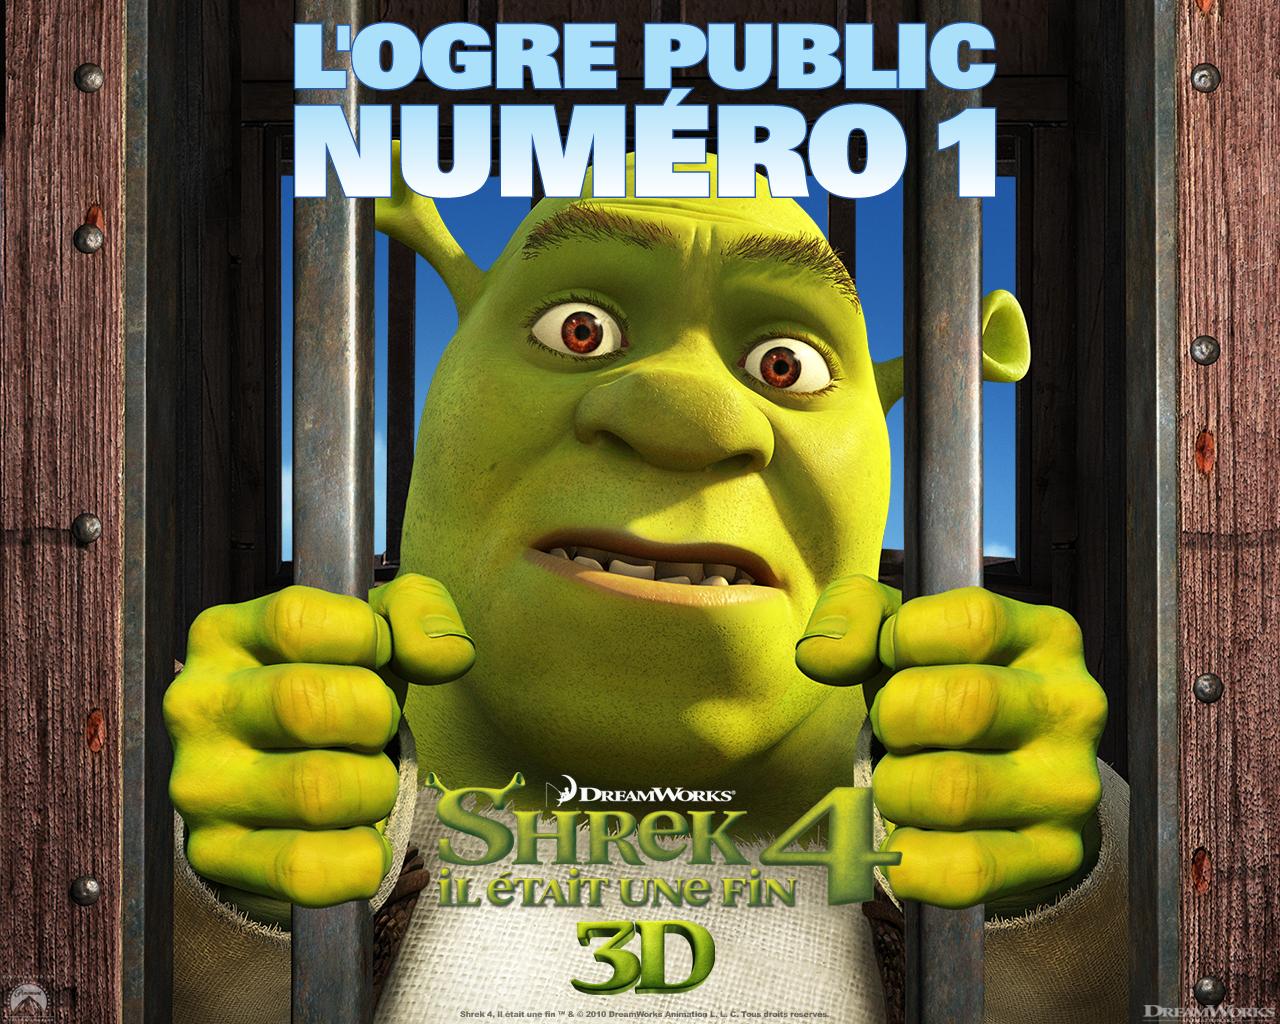 Wallpaper Shrek SHREK 4 ogre public numero 1